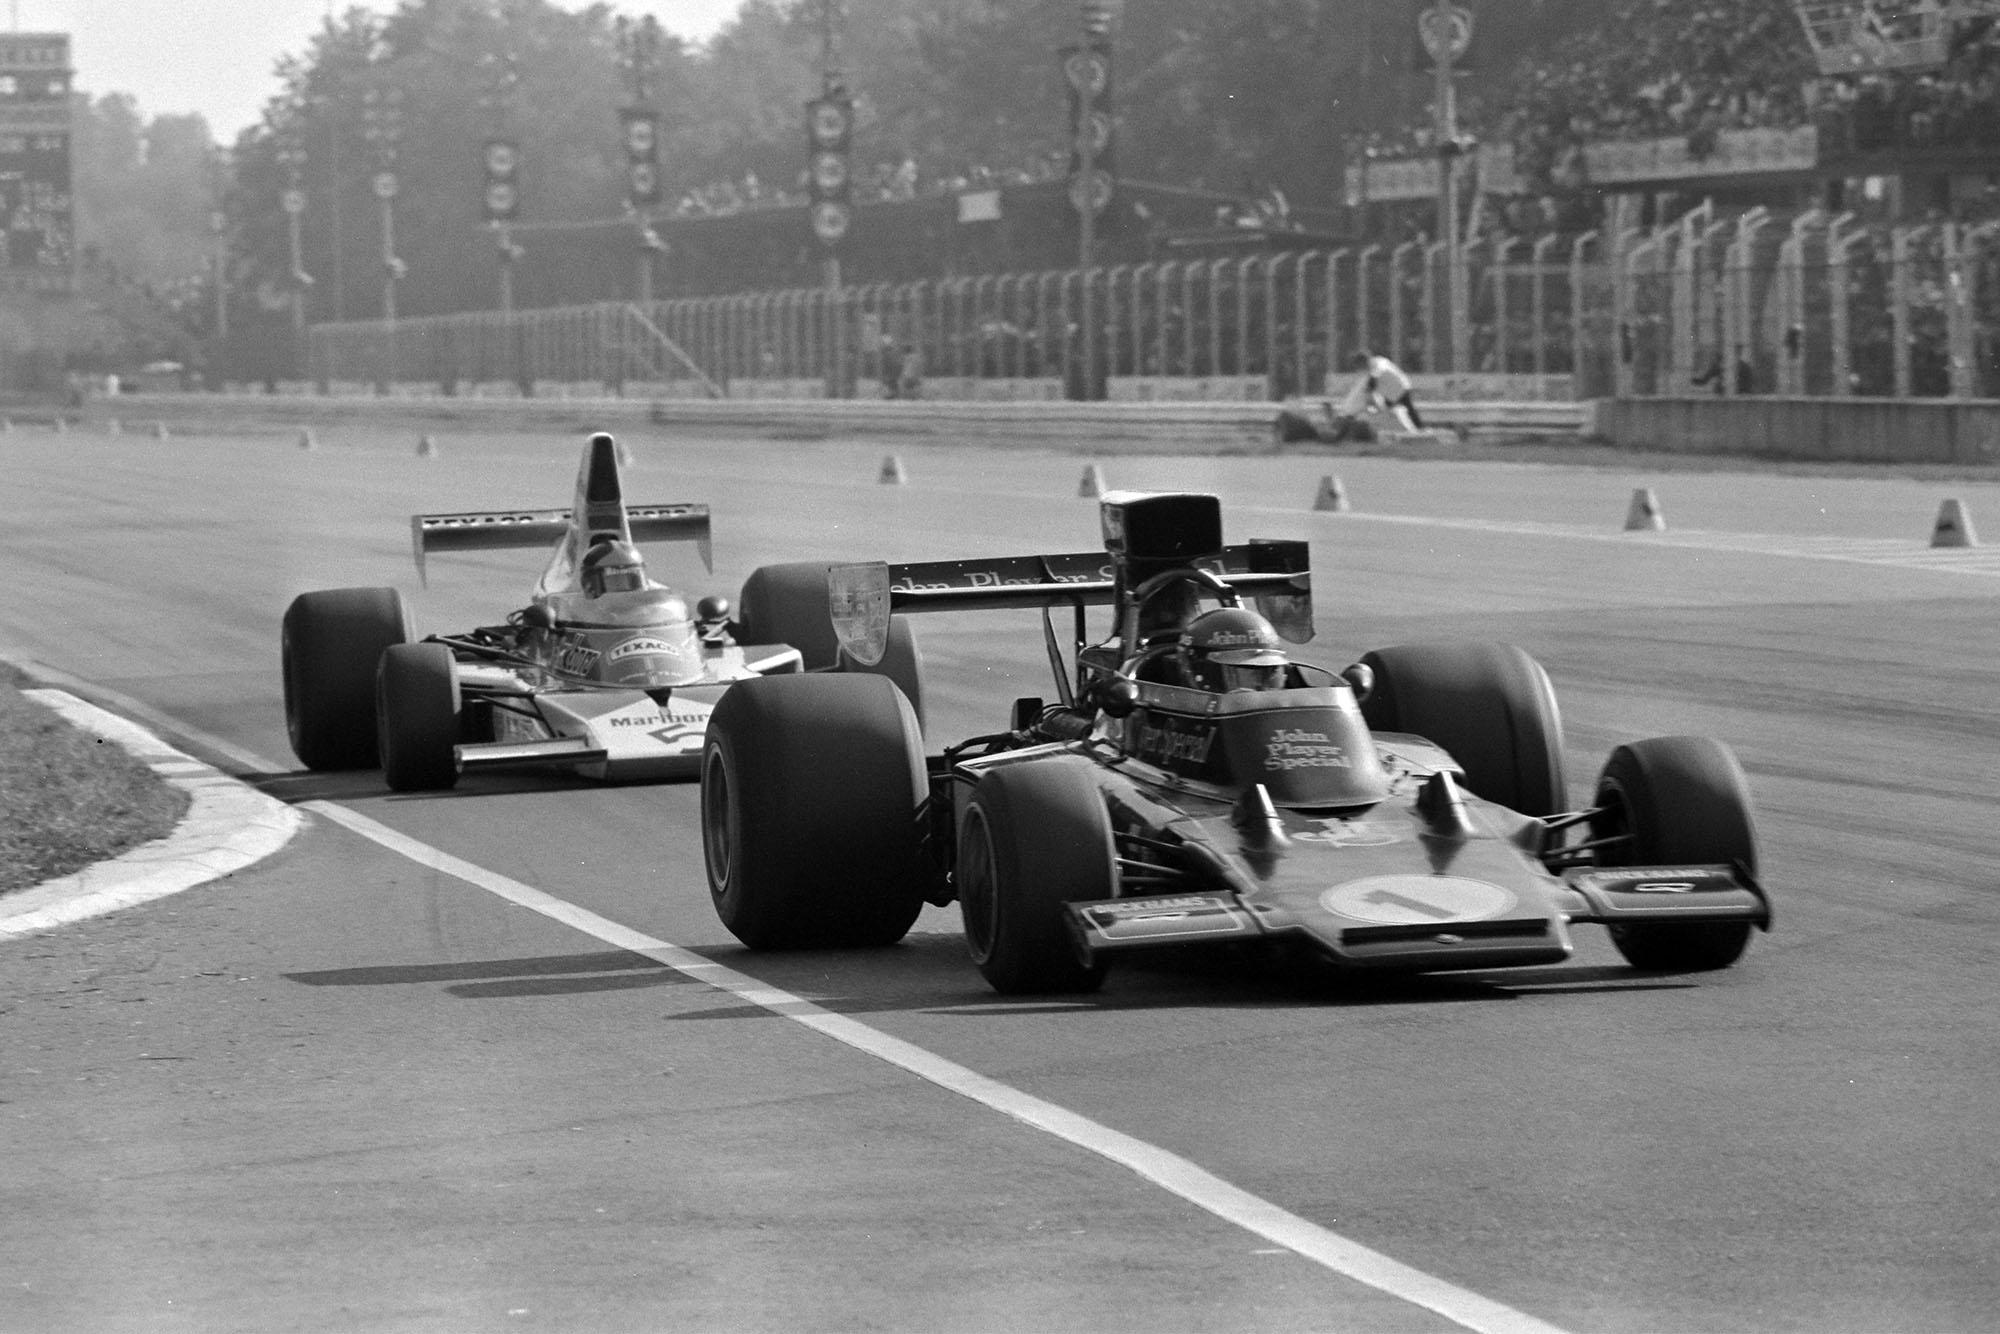 Ronnie Peterson (Lotus) leads Emerson Fittipaldi (McLaren) at the 1974 Italian Grand Prix, Monza.)